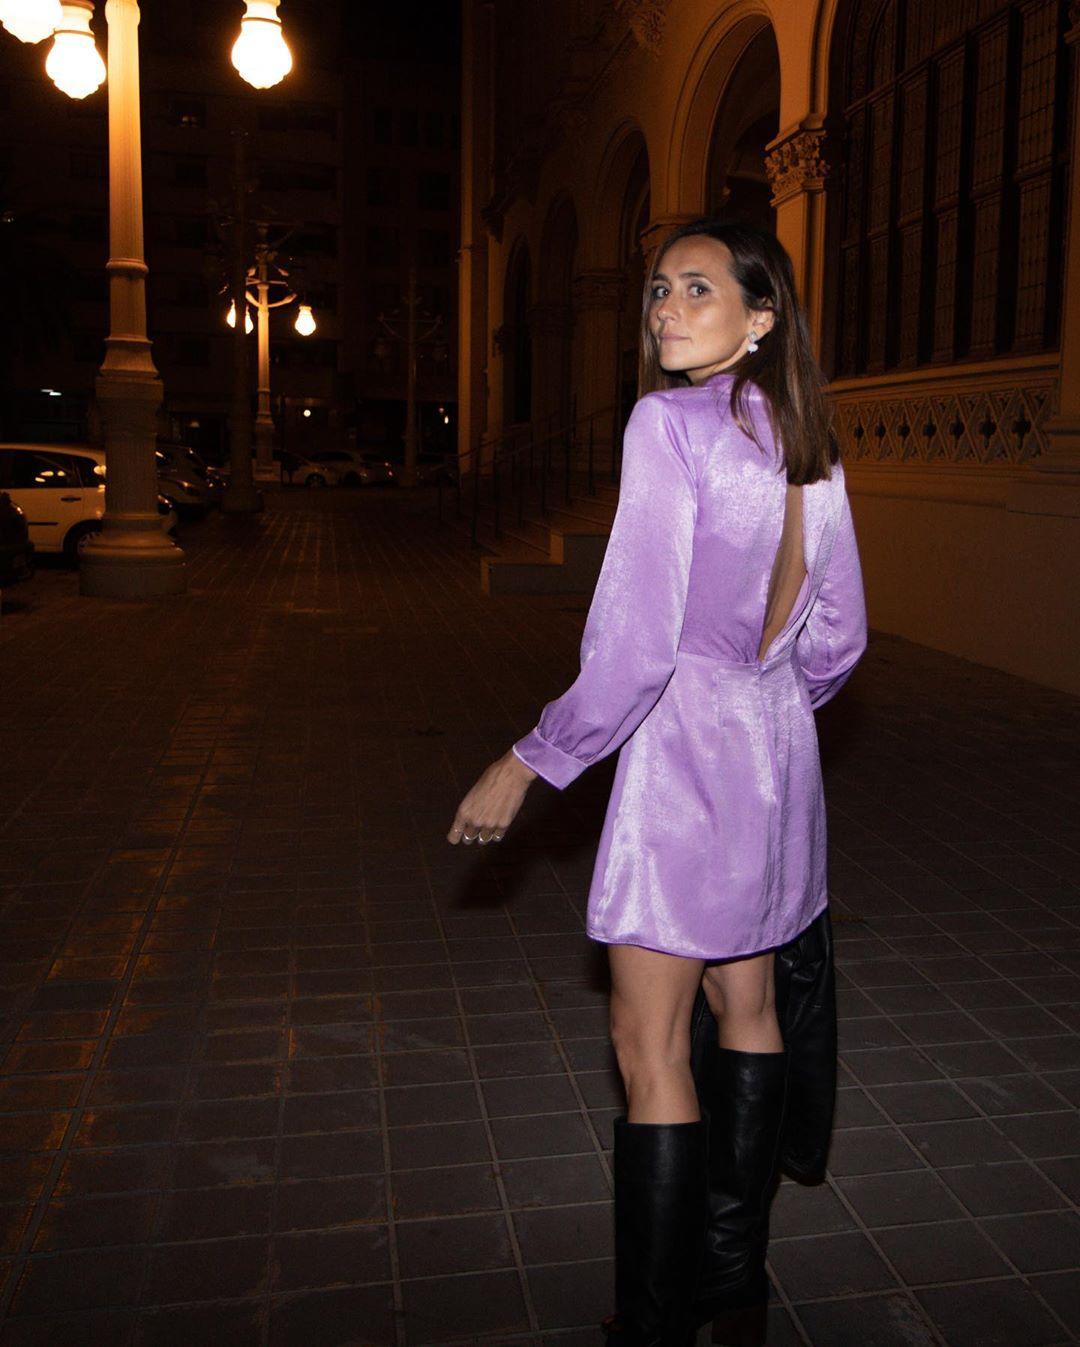 satin and draped dress de Zara sur coohuco